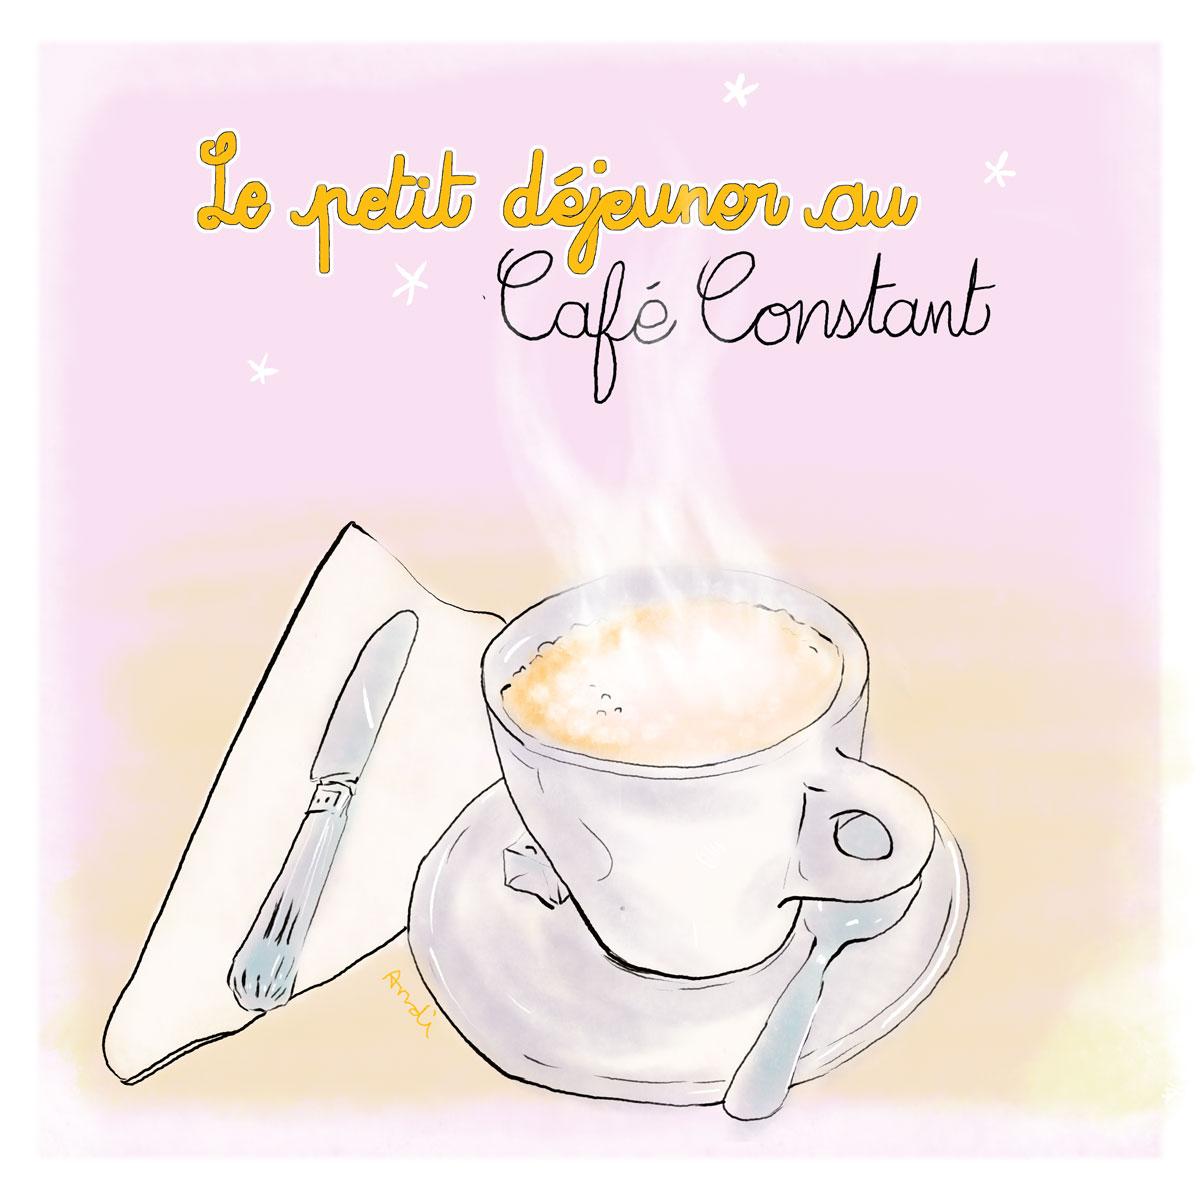 Le Petit dejeuner de Cafe Constant